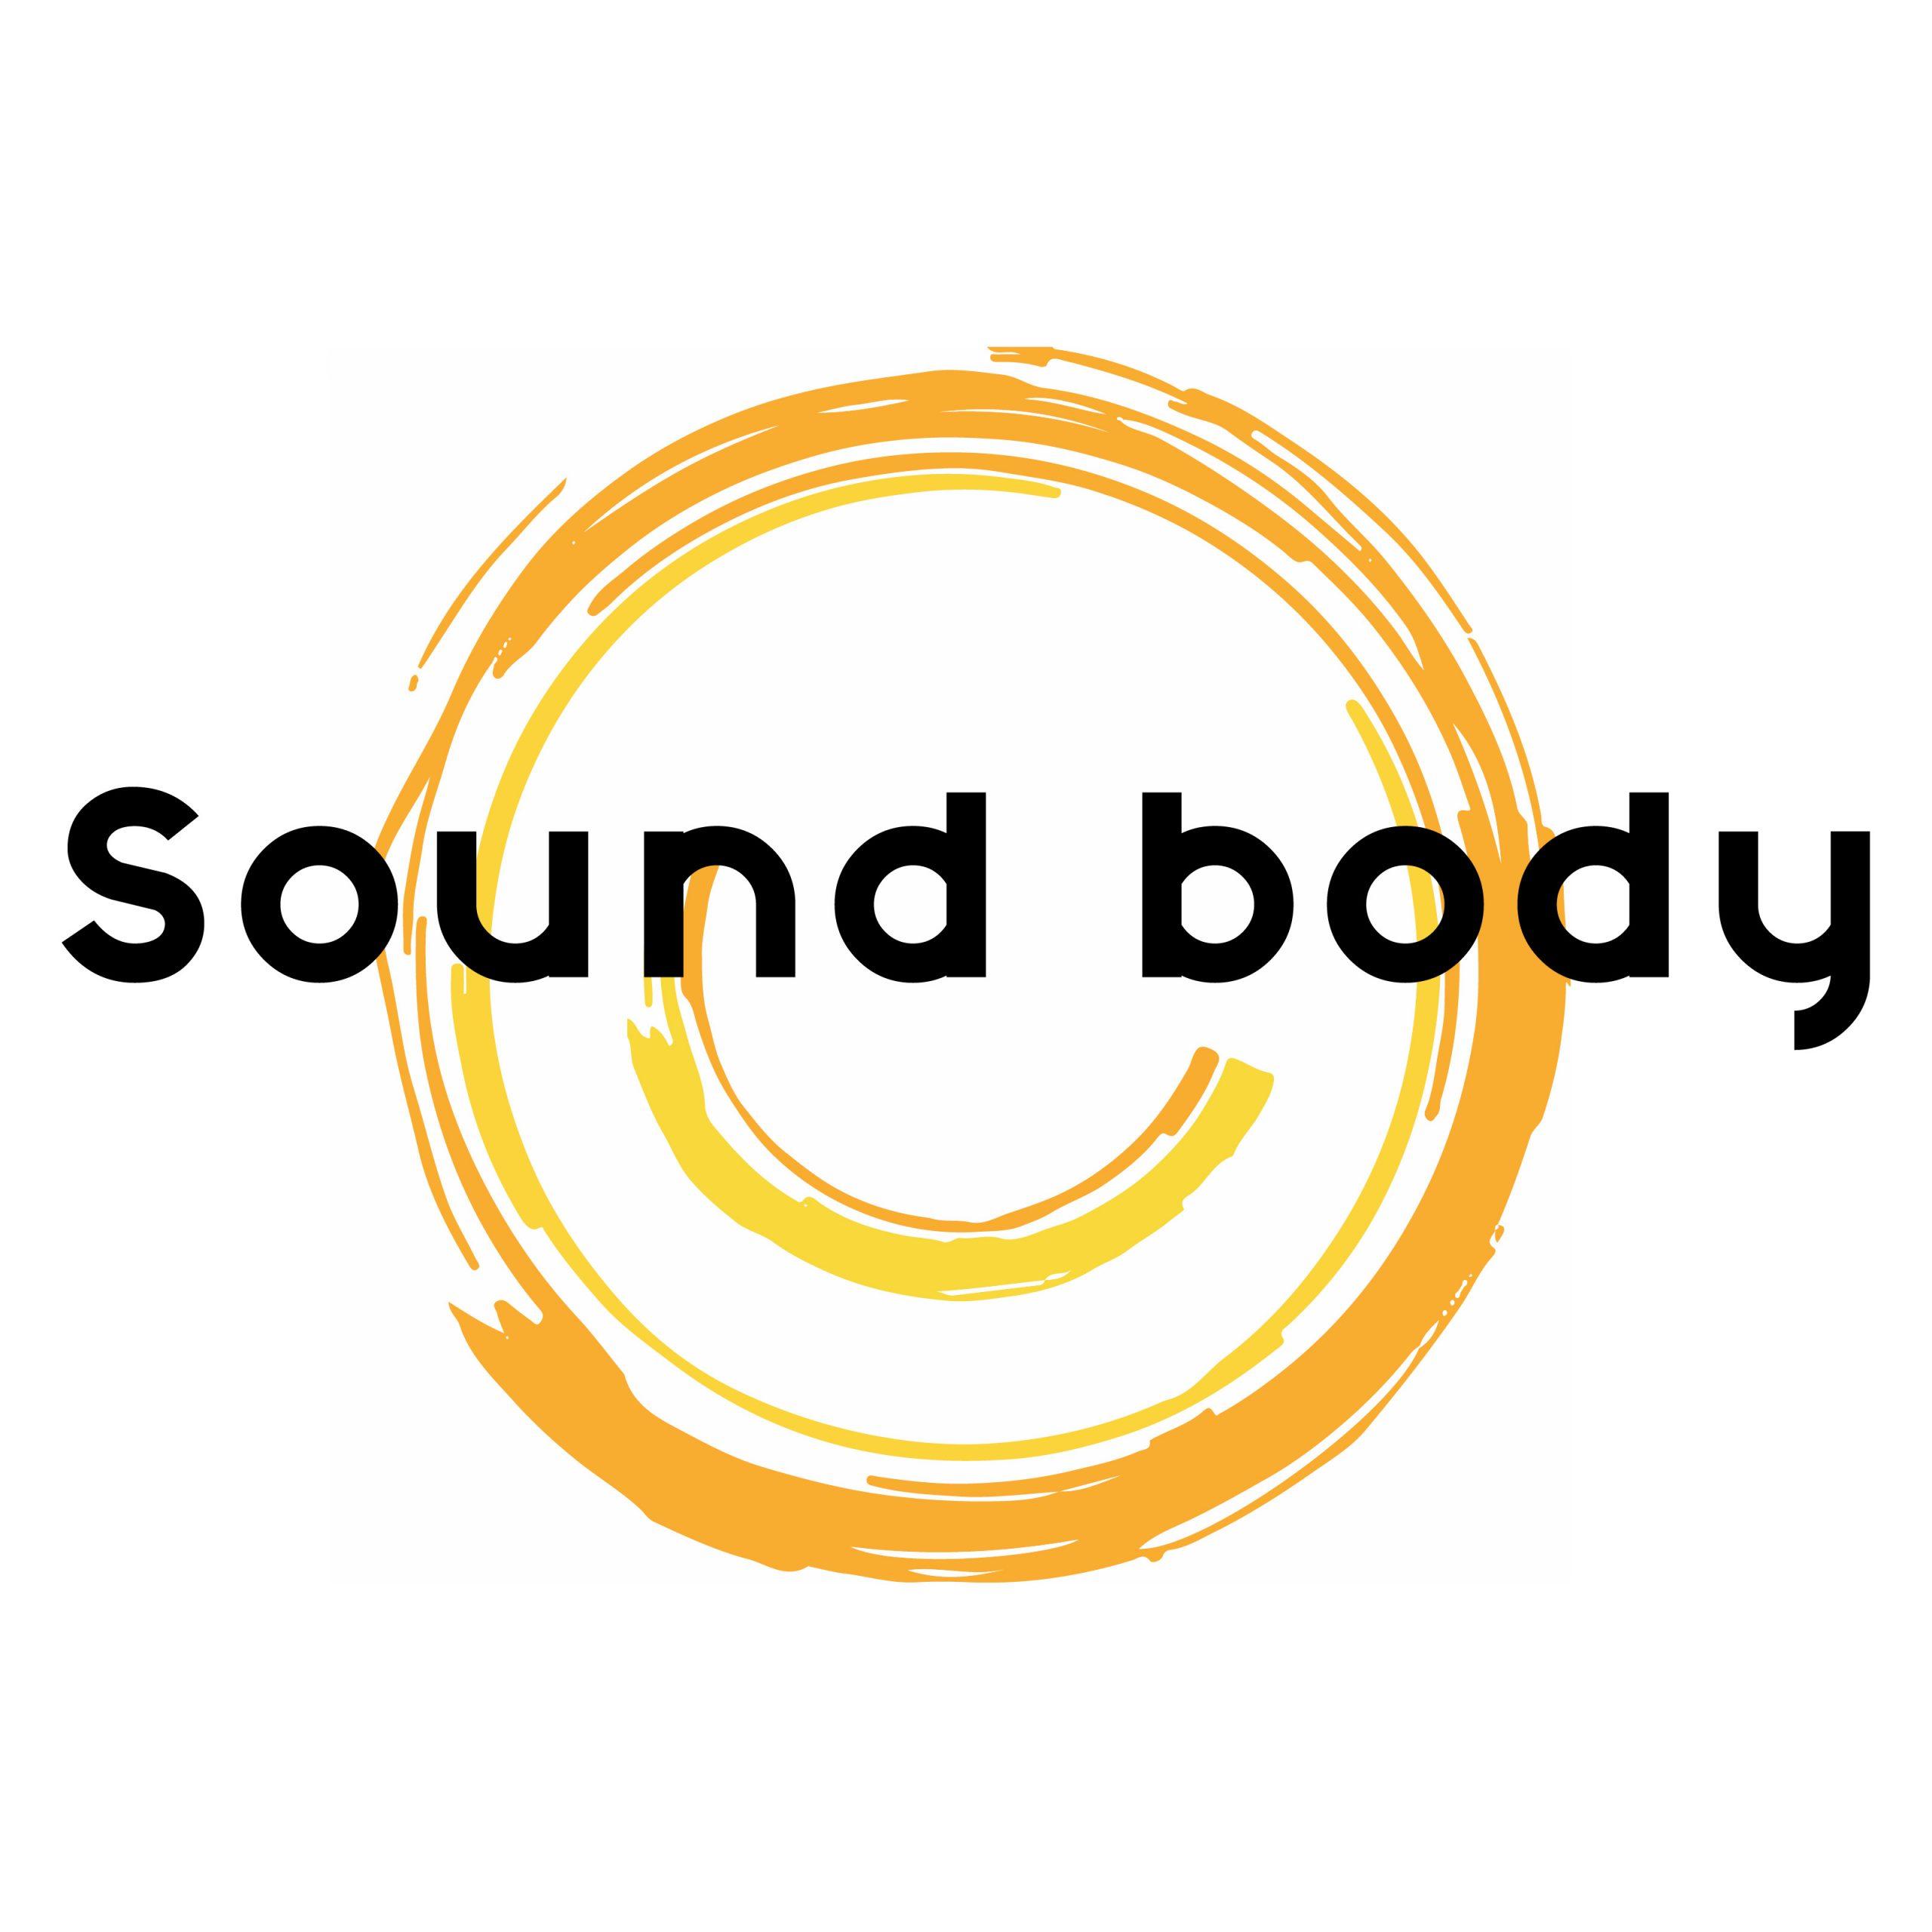 Soundbody